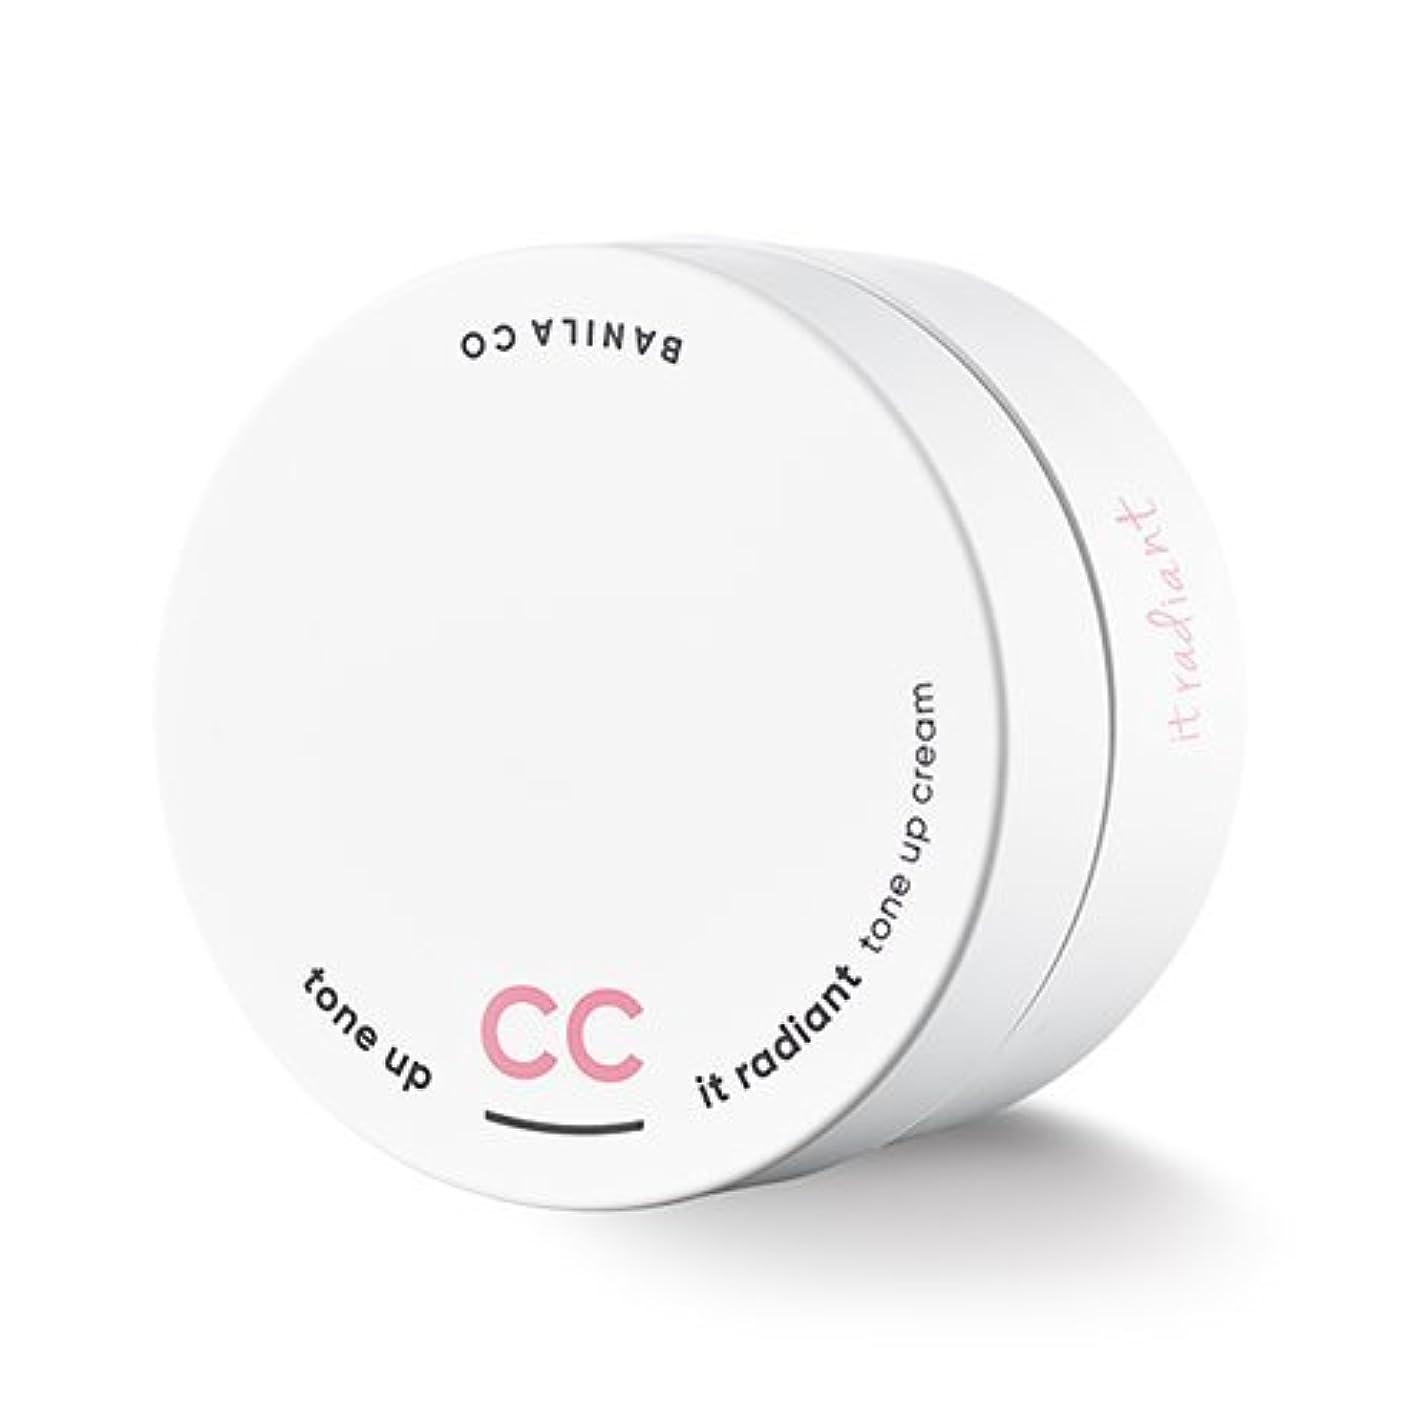 分離共役賠償BANILA CO It Radiant CC Tone Up Cream 50ml/バニラコ イット ラディアント CC トーンアップ クリーム 50ml [並行輸入品]